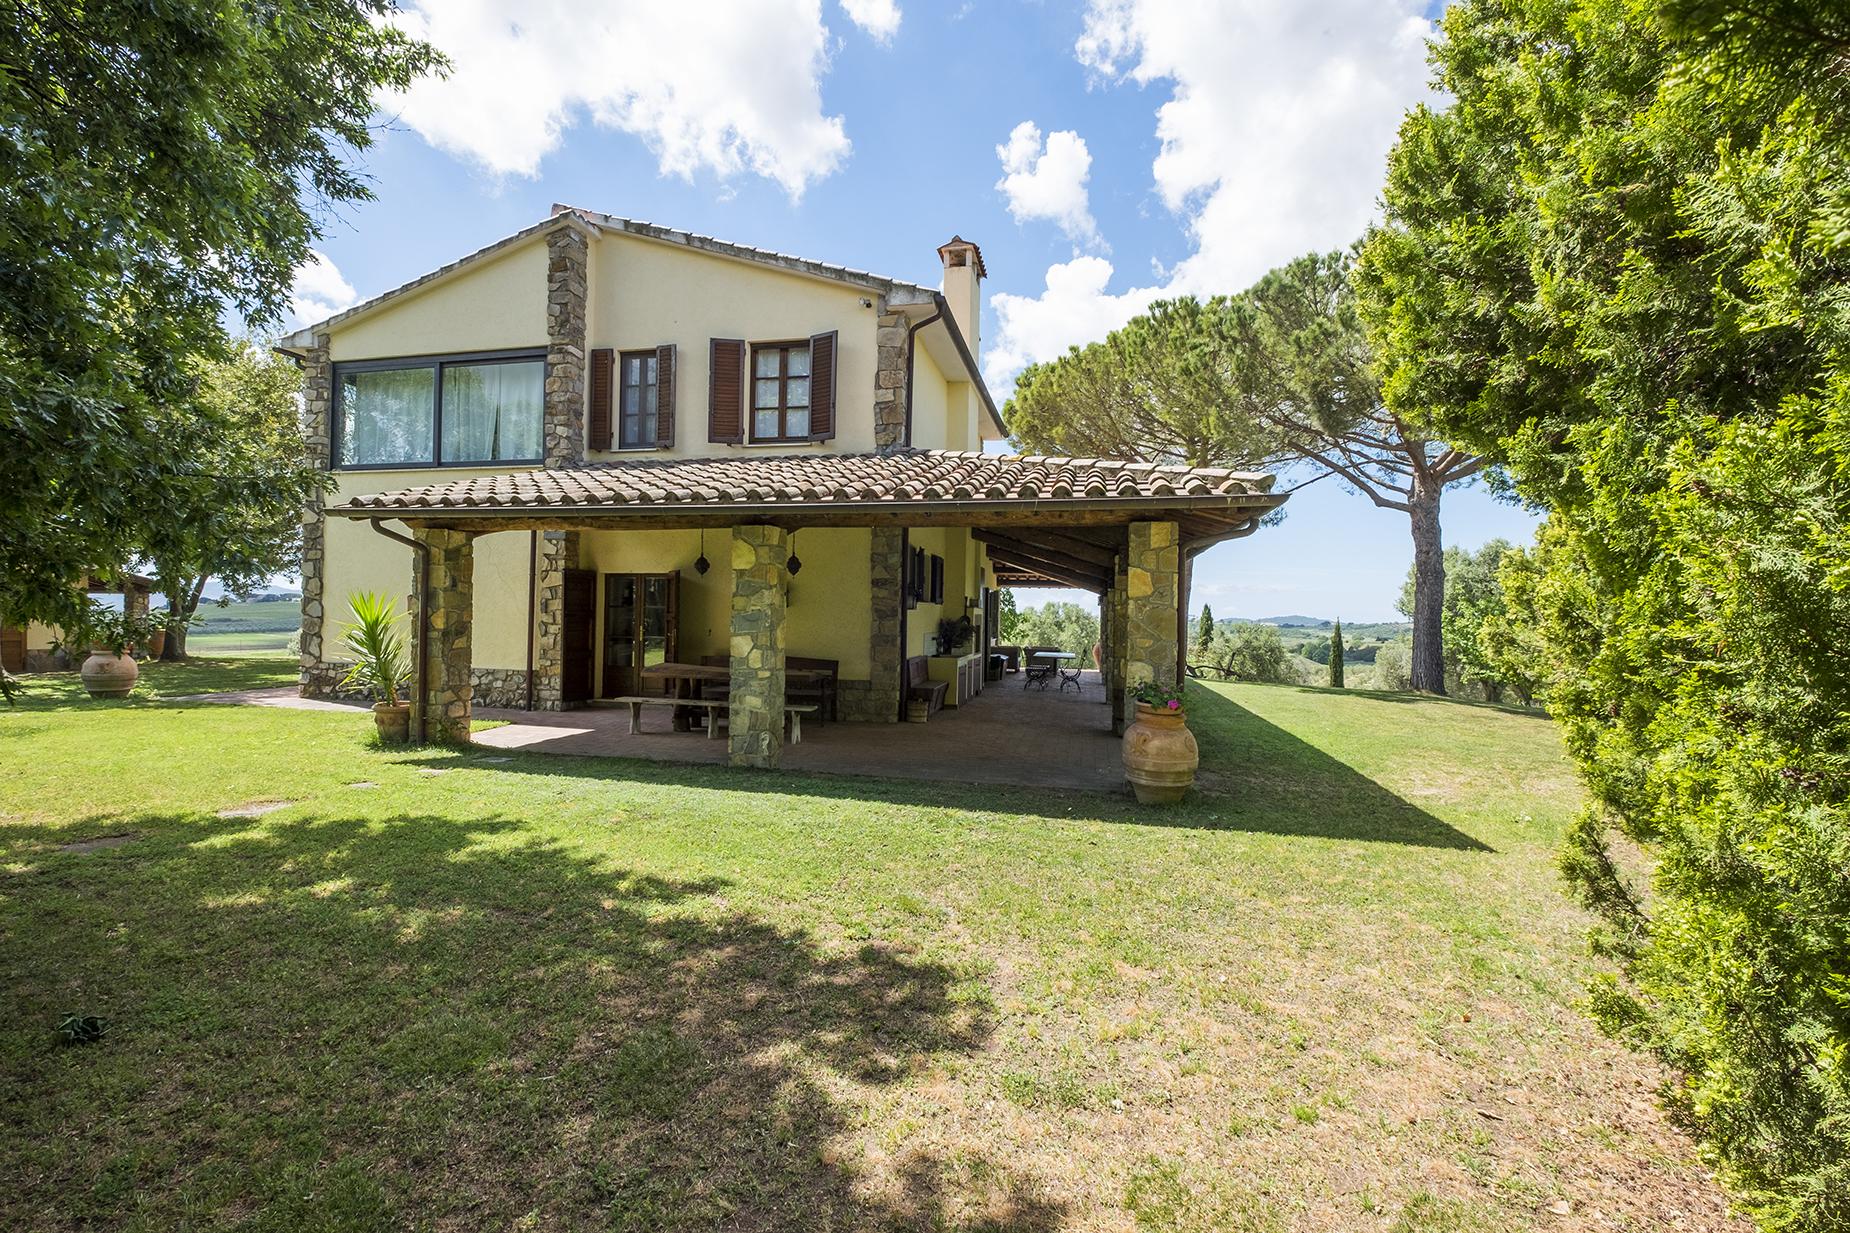 Rustico in Vendita a Magliano In Toscana: 5 locali, 320 mq - Foto 13